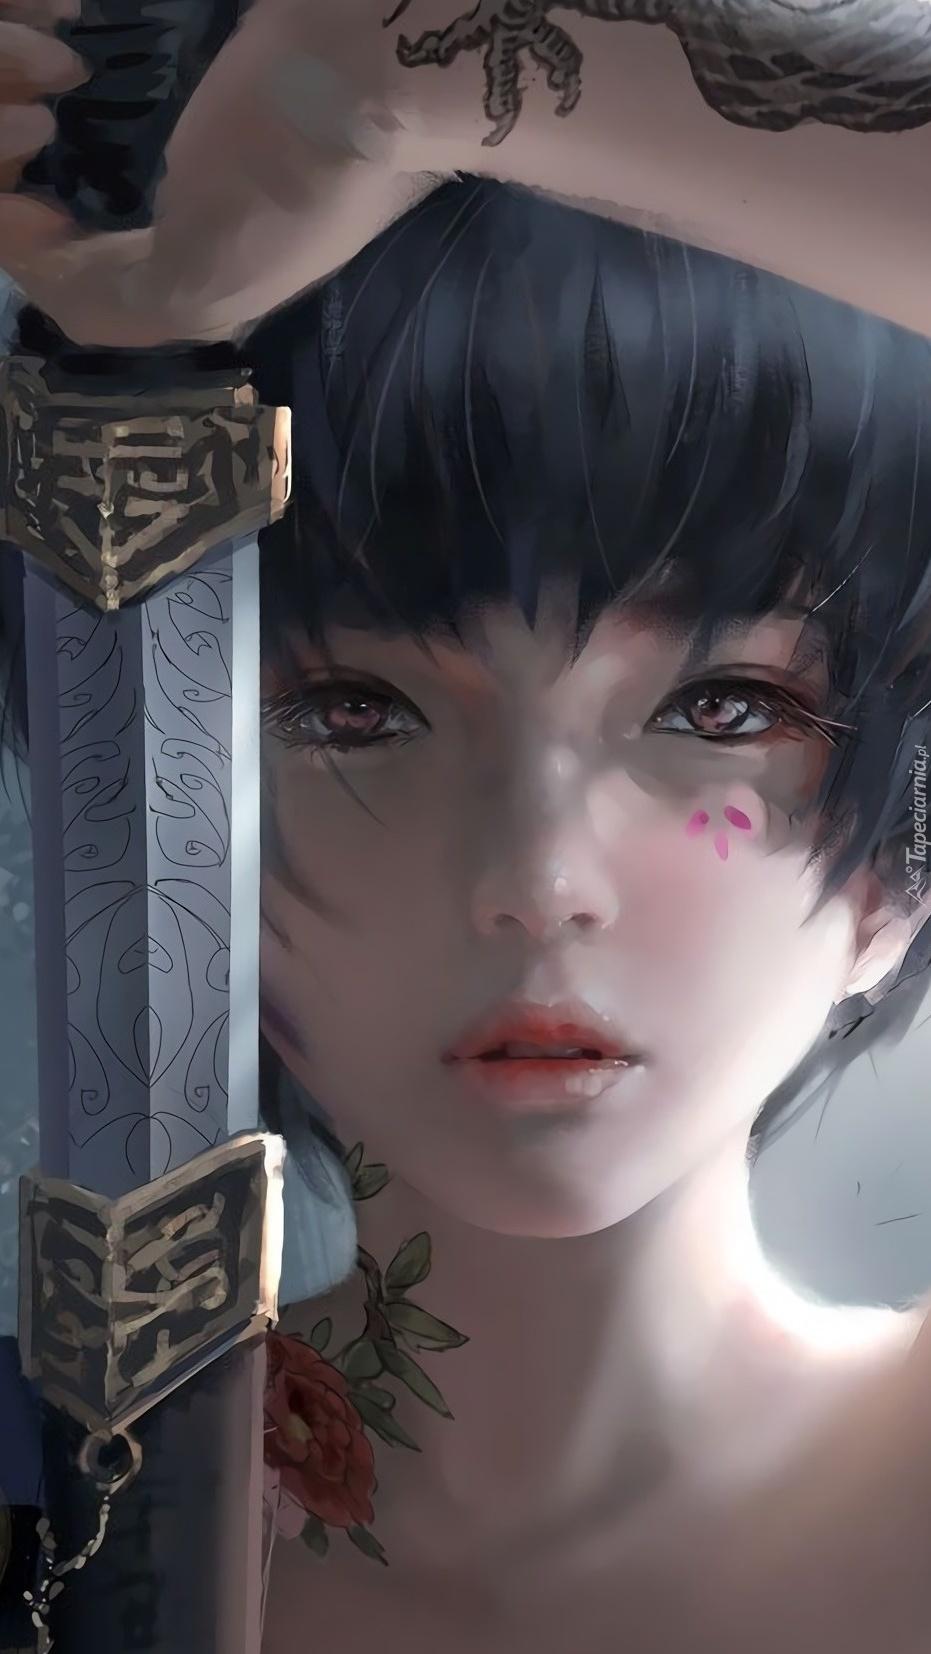 Dziewczyna z mieczem i tatuażem